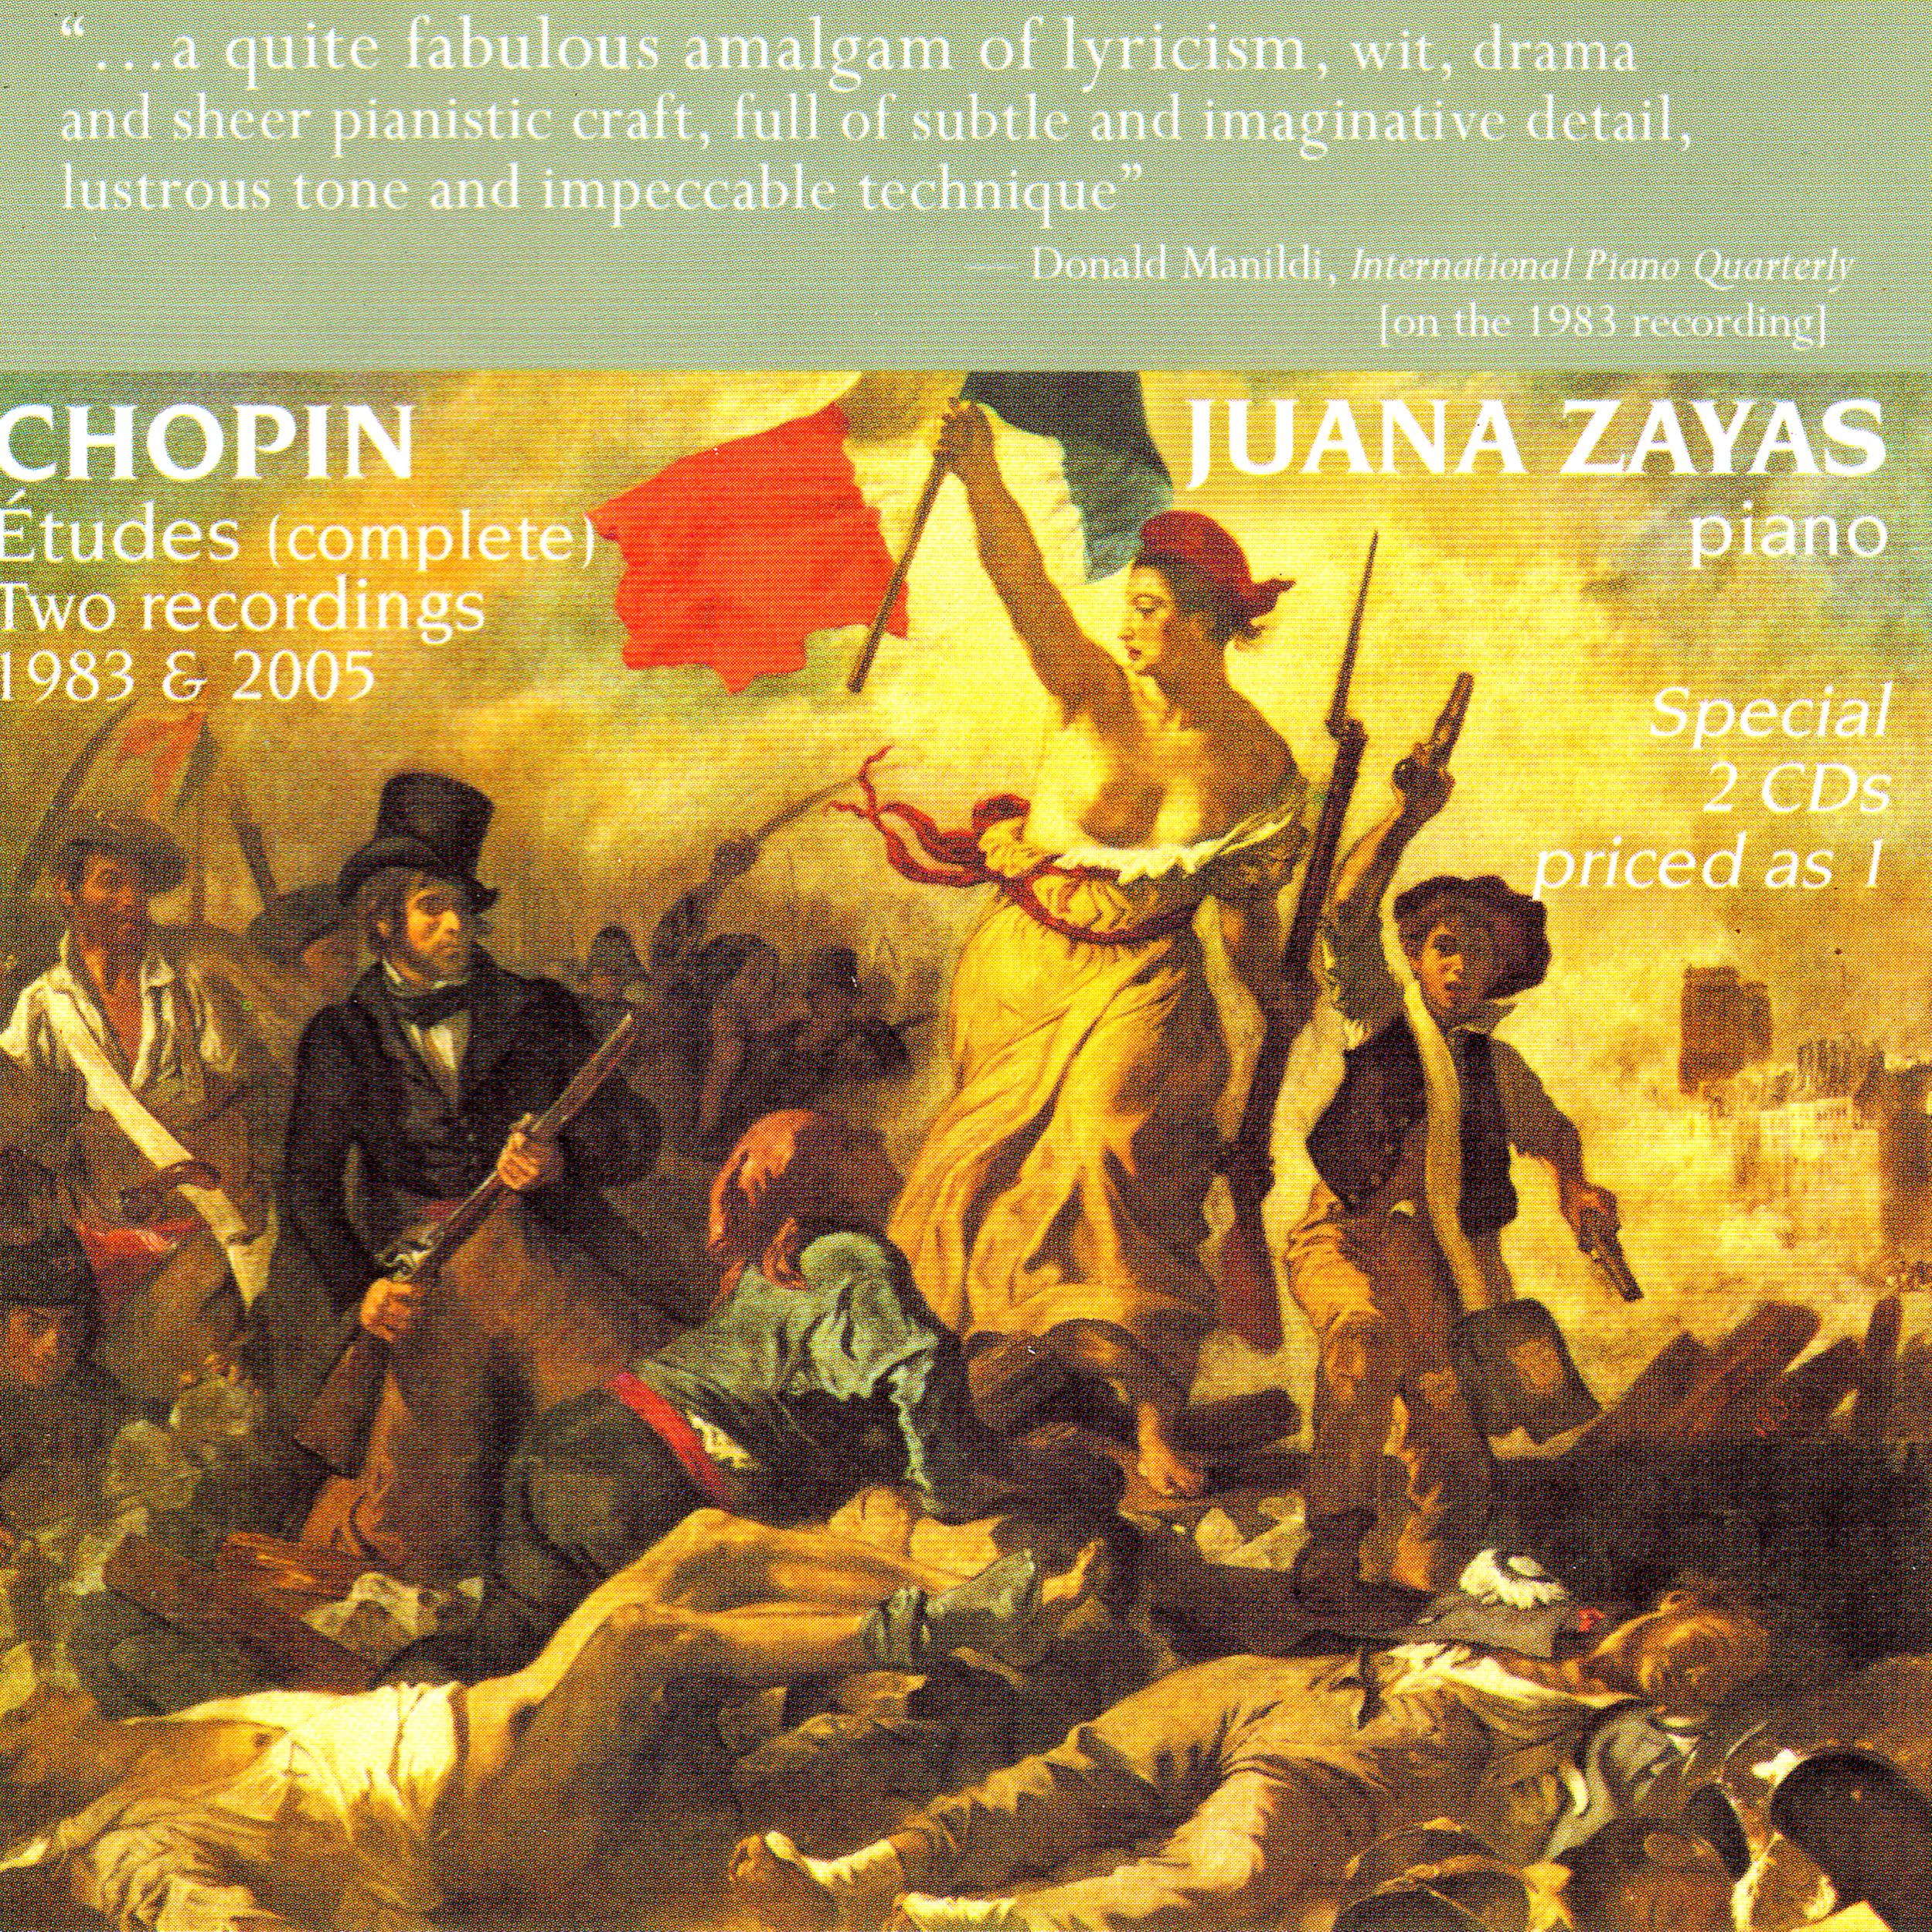 zayas chopin etudes.jpg